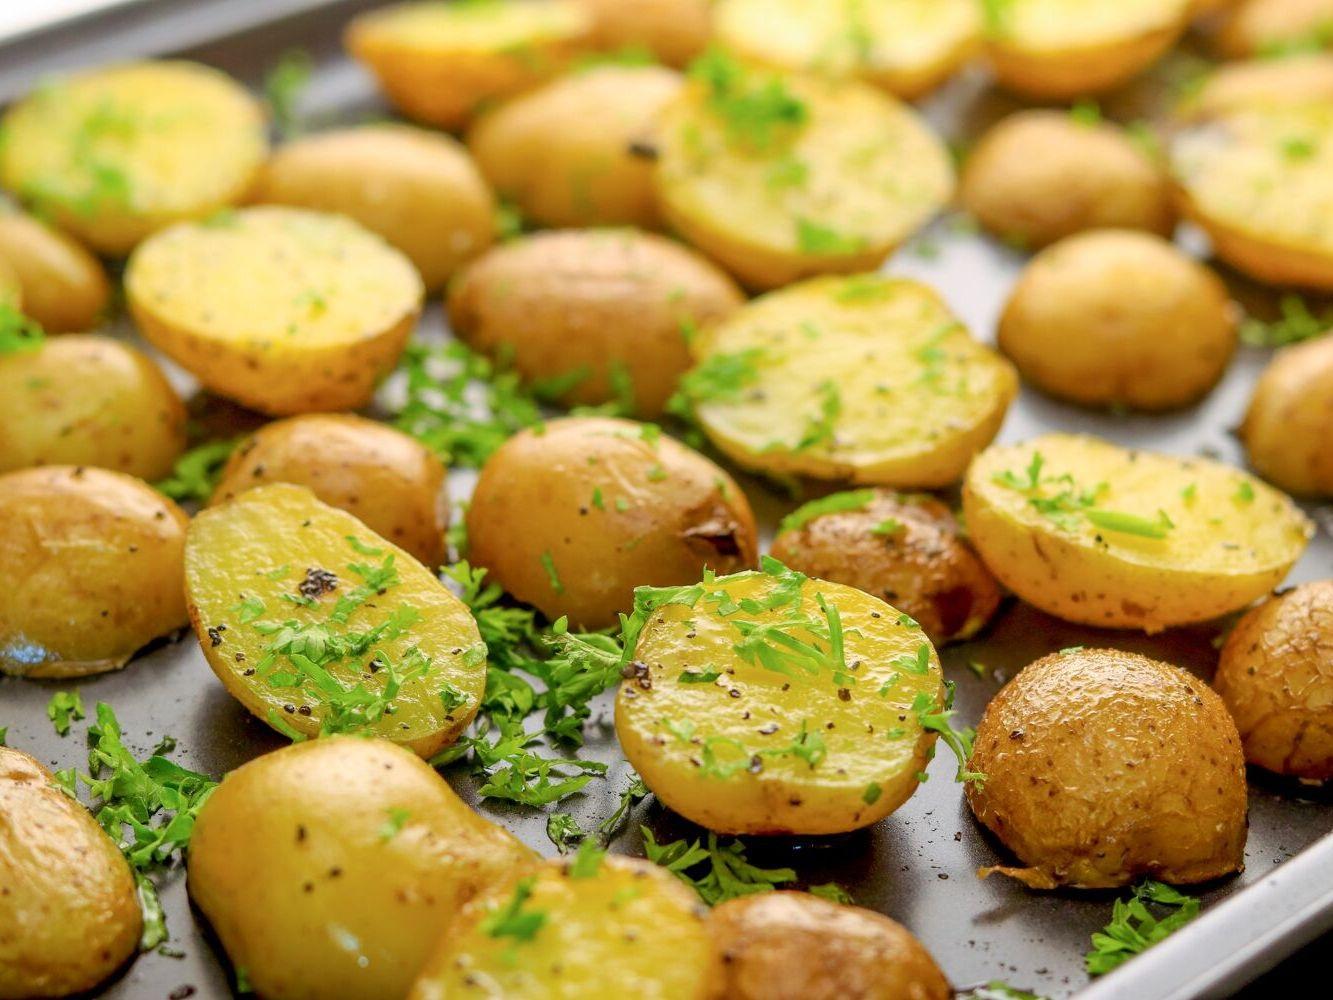 Pourquoi les pommes de terre ont-elles un indice glycémique si élevé